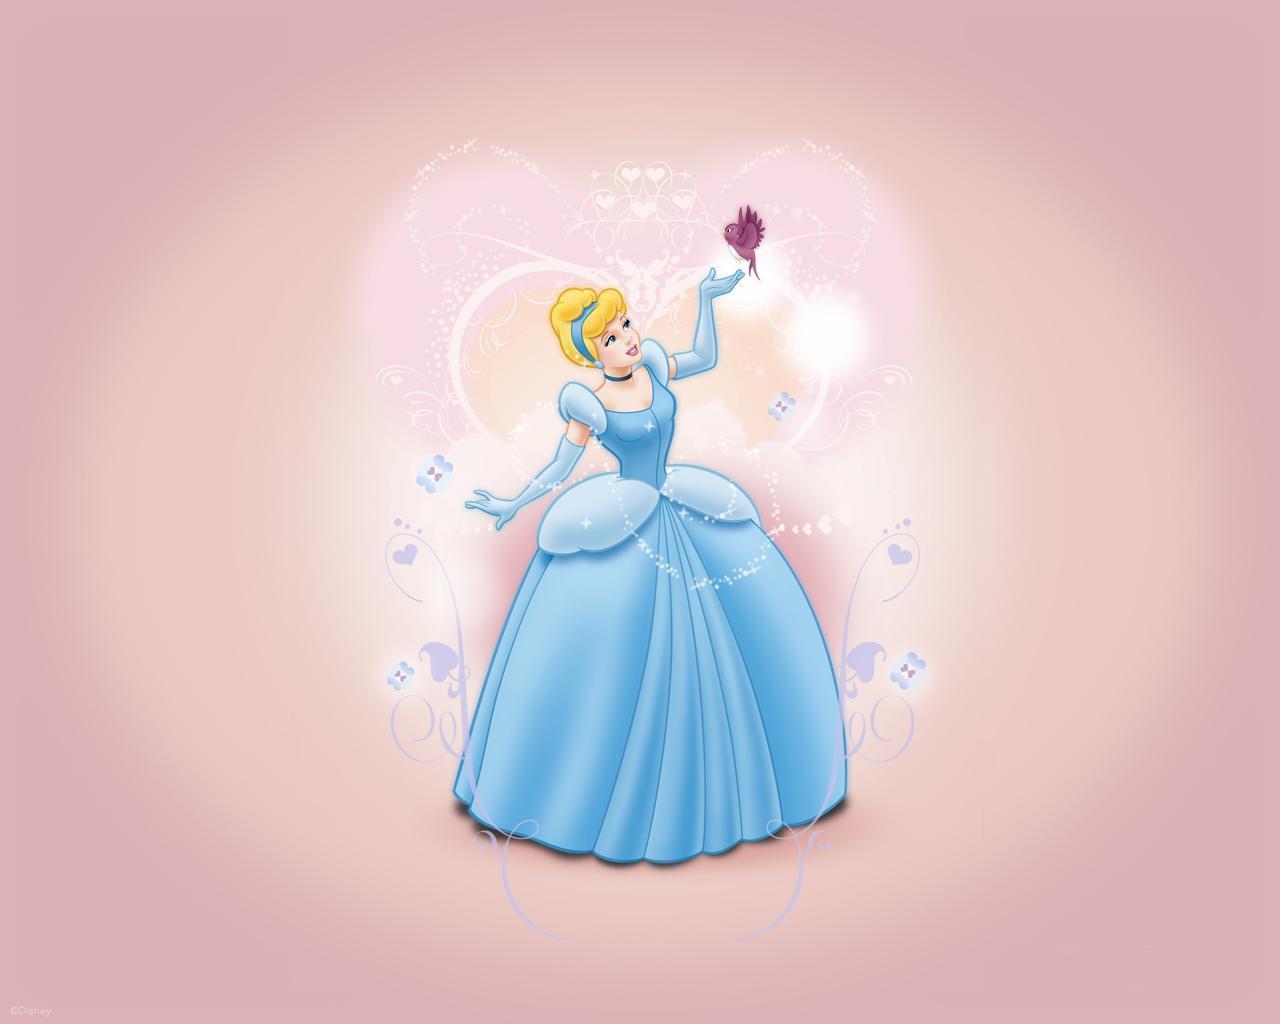 مكتبة ضخمة من صور ورمزيات اميرات ديزني Princess-Cinderella-disney-princess-7737371-1280-1024